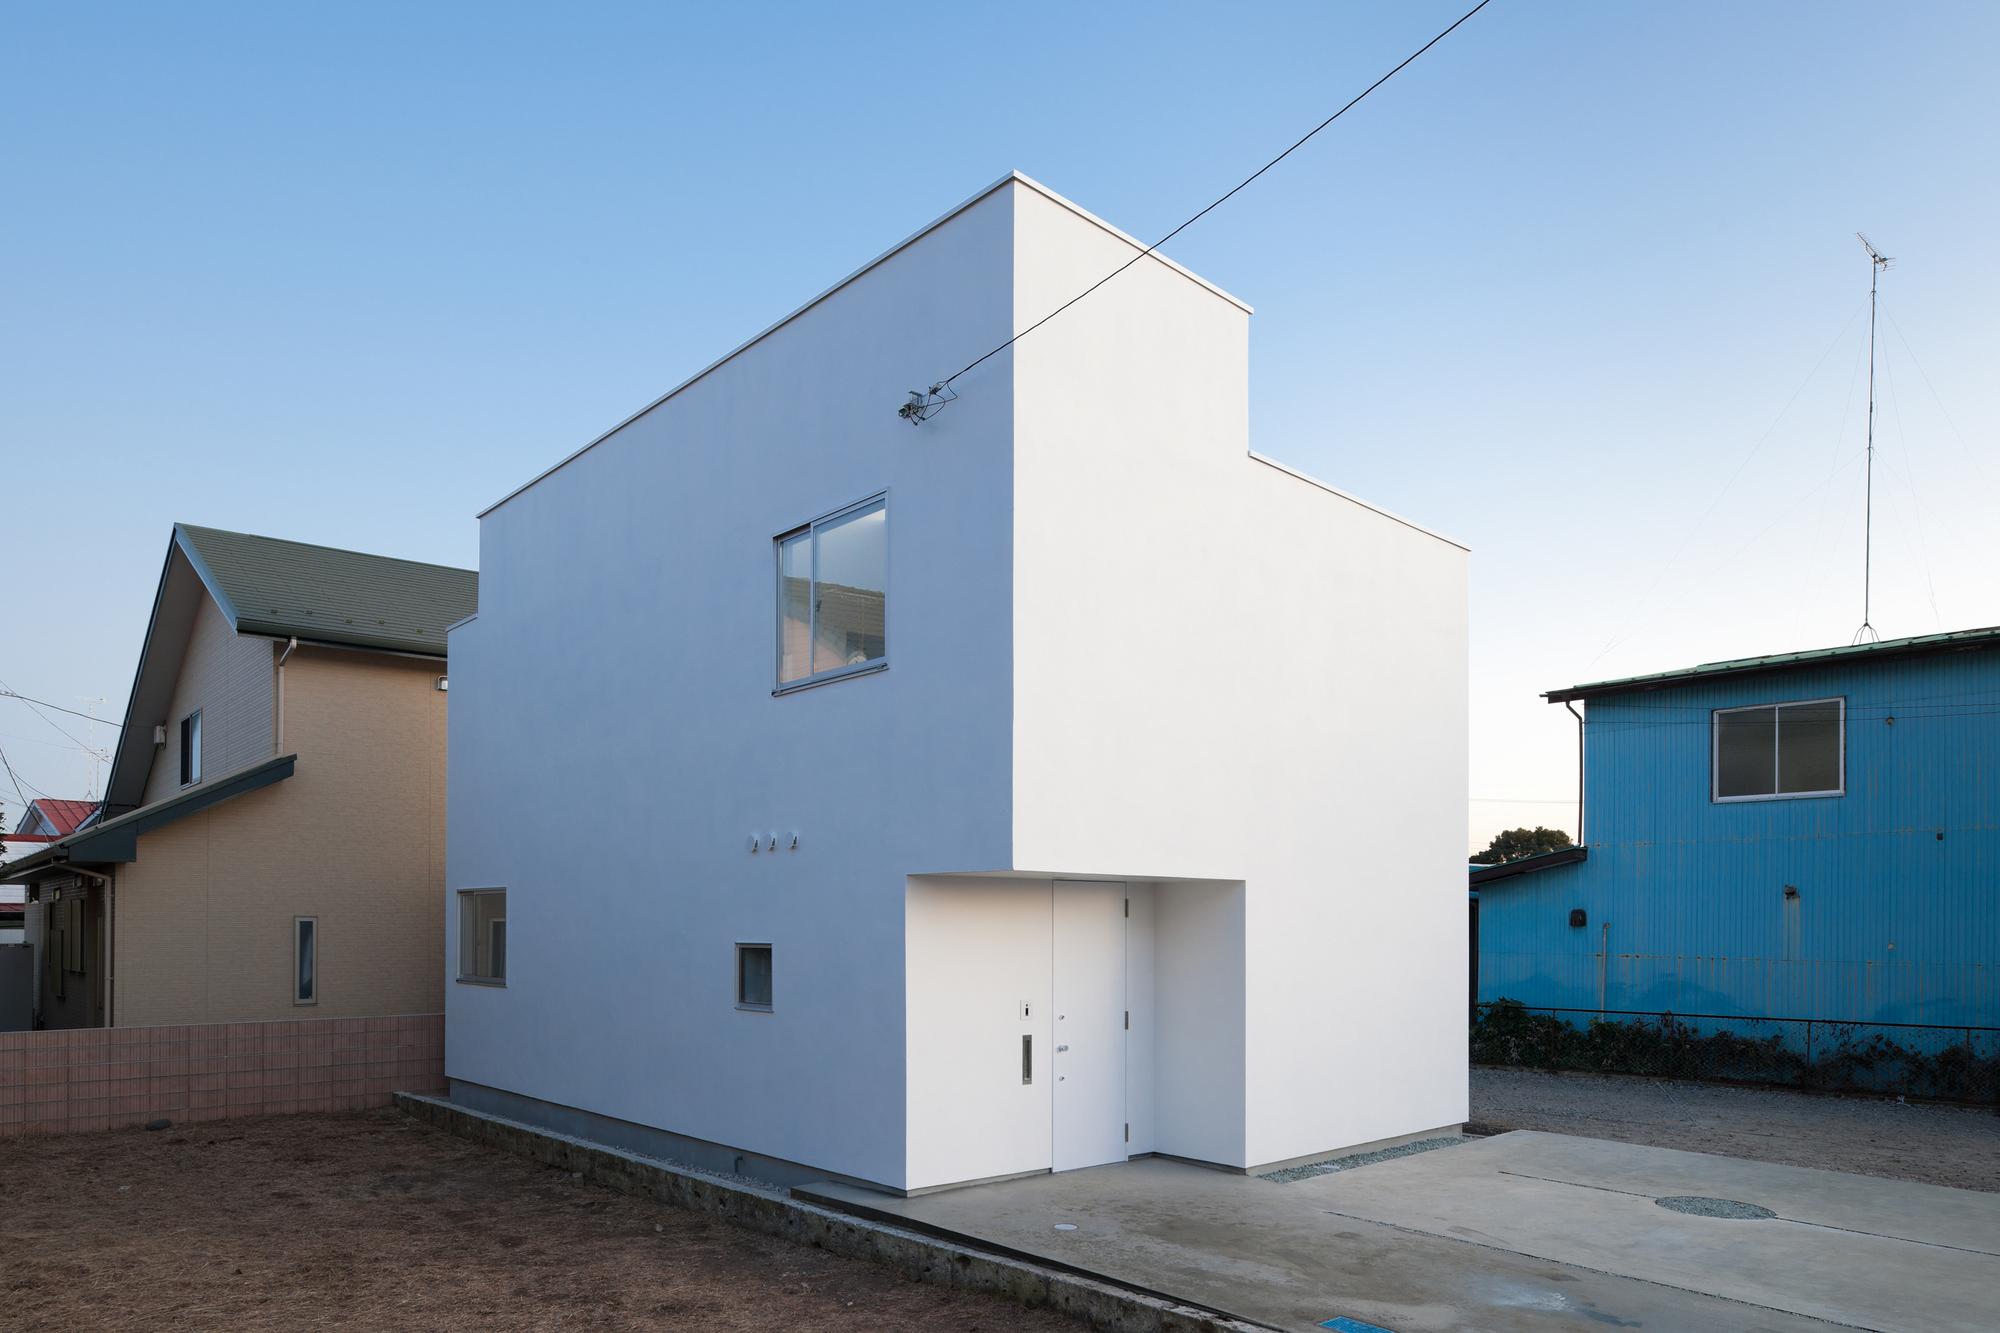 House in Utsunomiya2 / Soeda Associates Architects